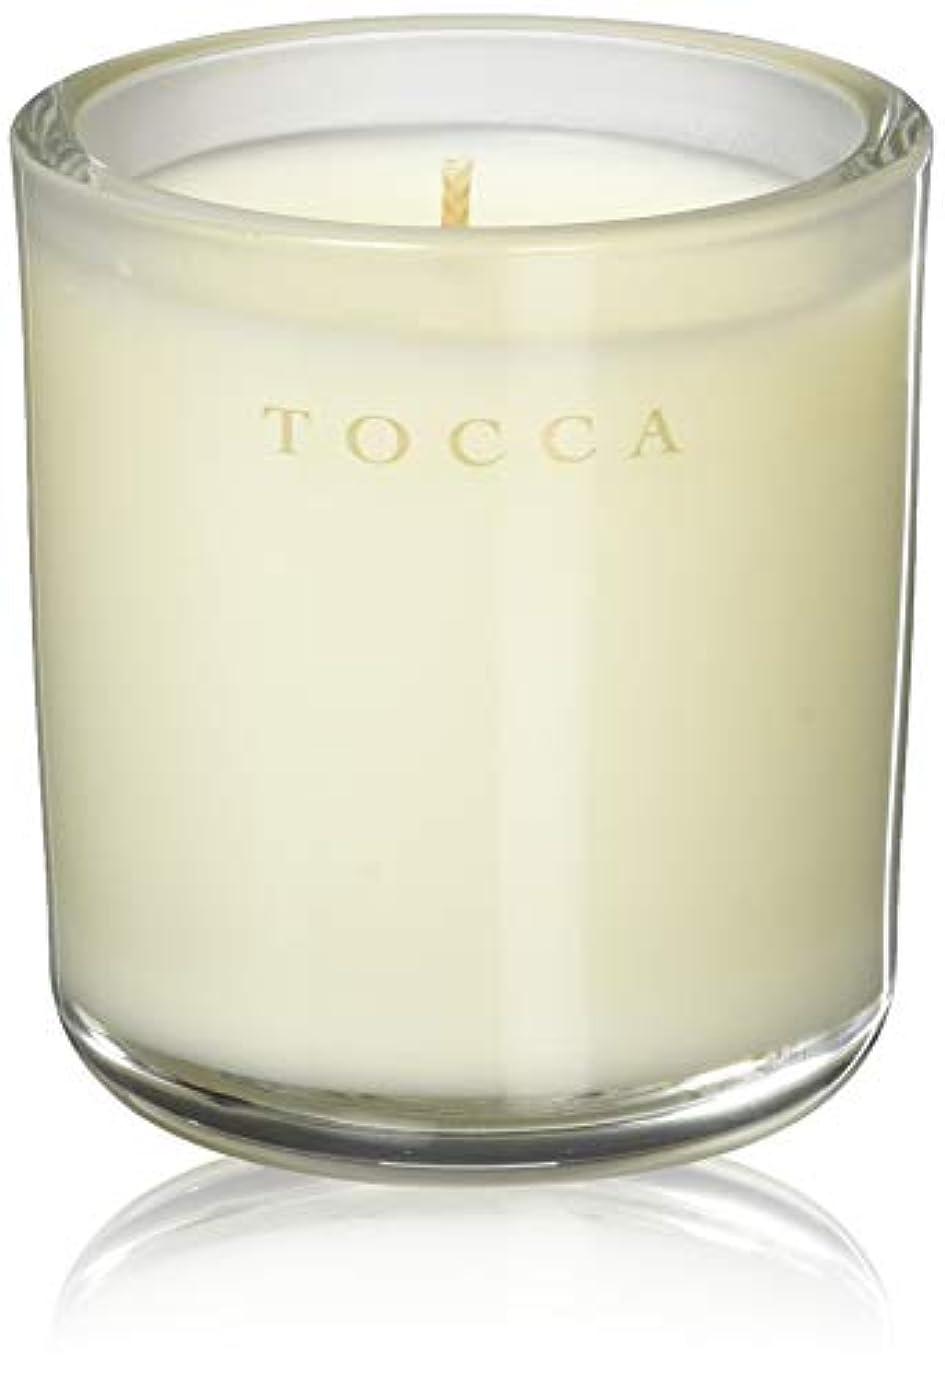 そよ風うなずく分布TOCCA(トッカ) ボヤージュ キャンデリーナ バレンシア 85g (ろうそく 芳香 オレンジとベルガモットのフレッシュシトラスな香り)